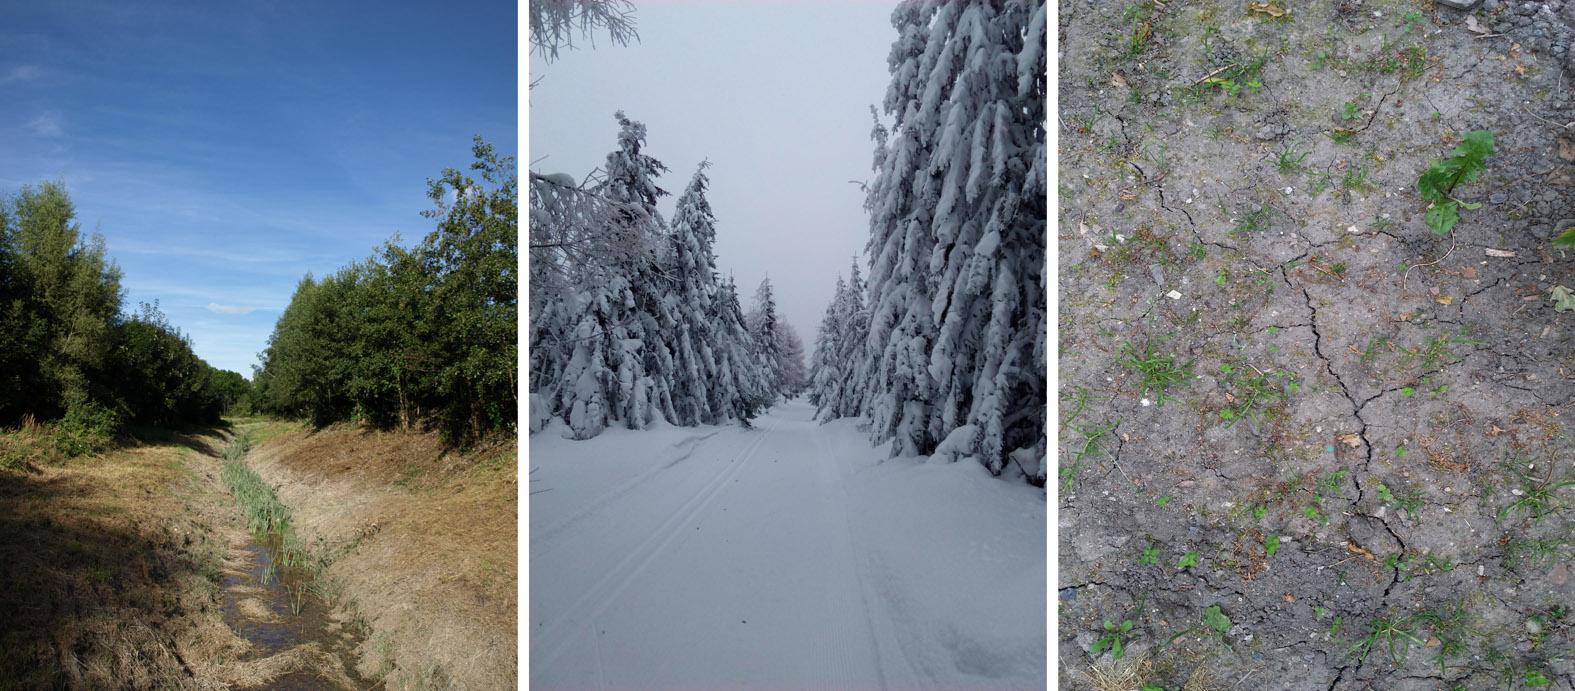 Wzrost temperatury powietrza w regionie może m.in. negatywie wpłynąć na bioróżnorodność, a także przyczynić się do intensyfikacji susz oraz pogorszenia warunków śnieżnych dla narciarstwa (fot. I. Lejcuś, B. Miszuk)